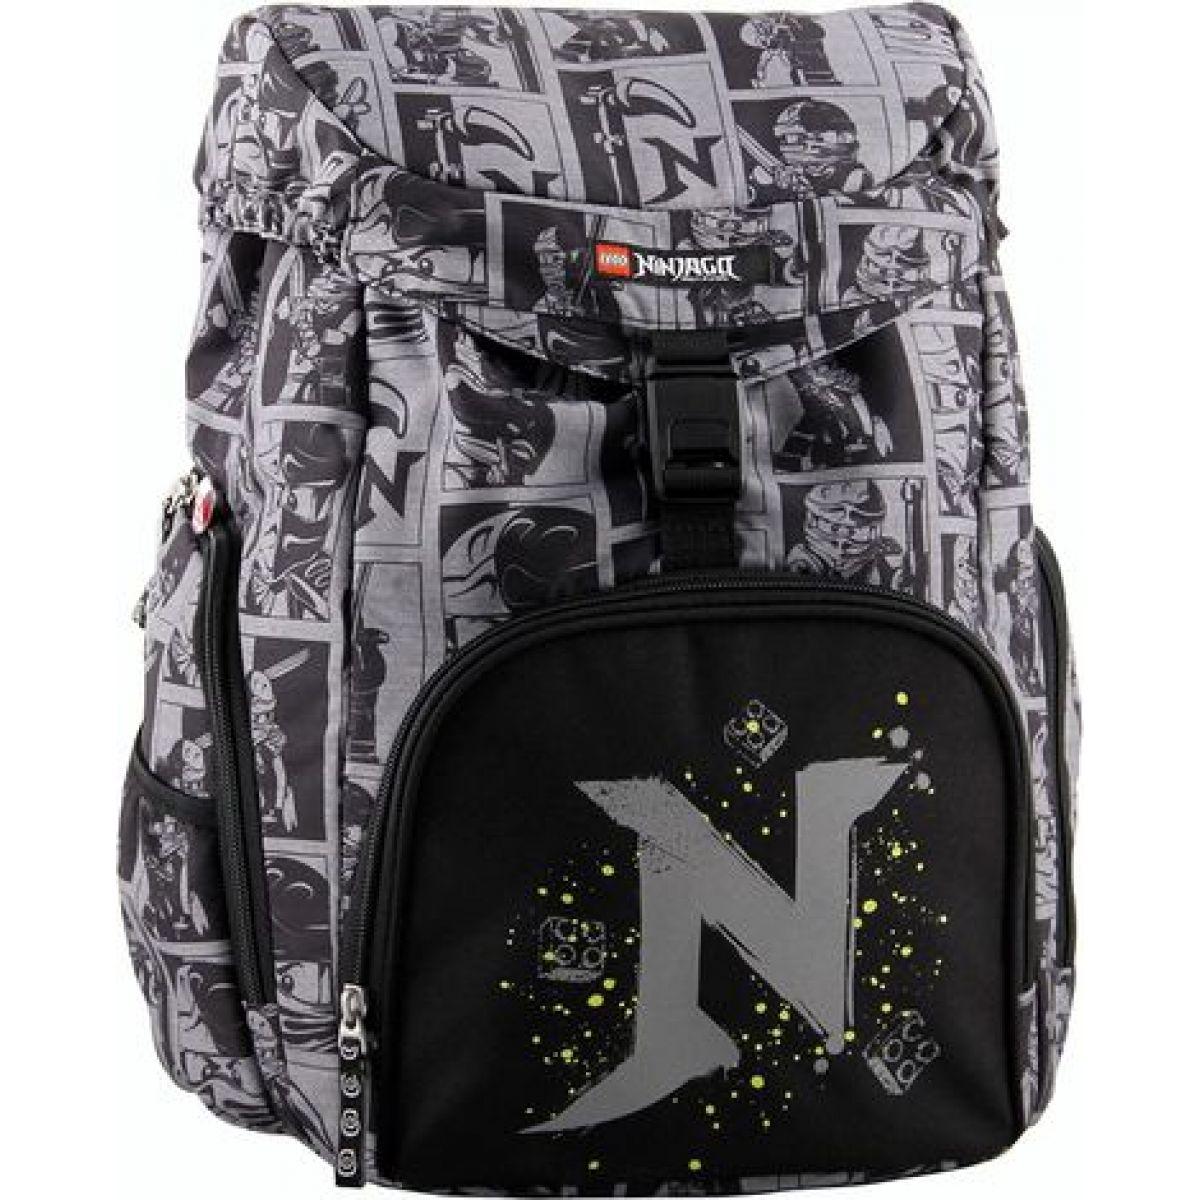 LEGO Ninjago Shadow Outbag Basic školní batoh